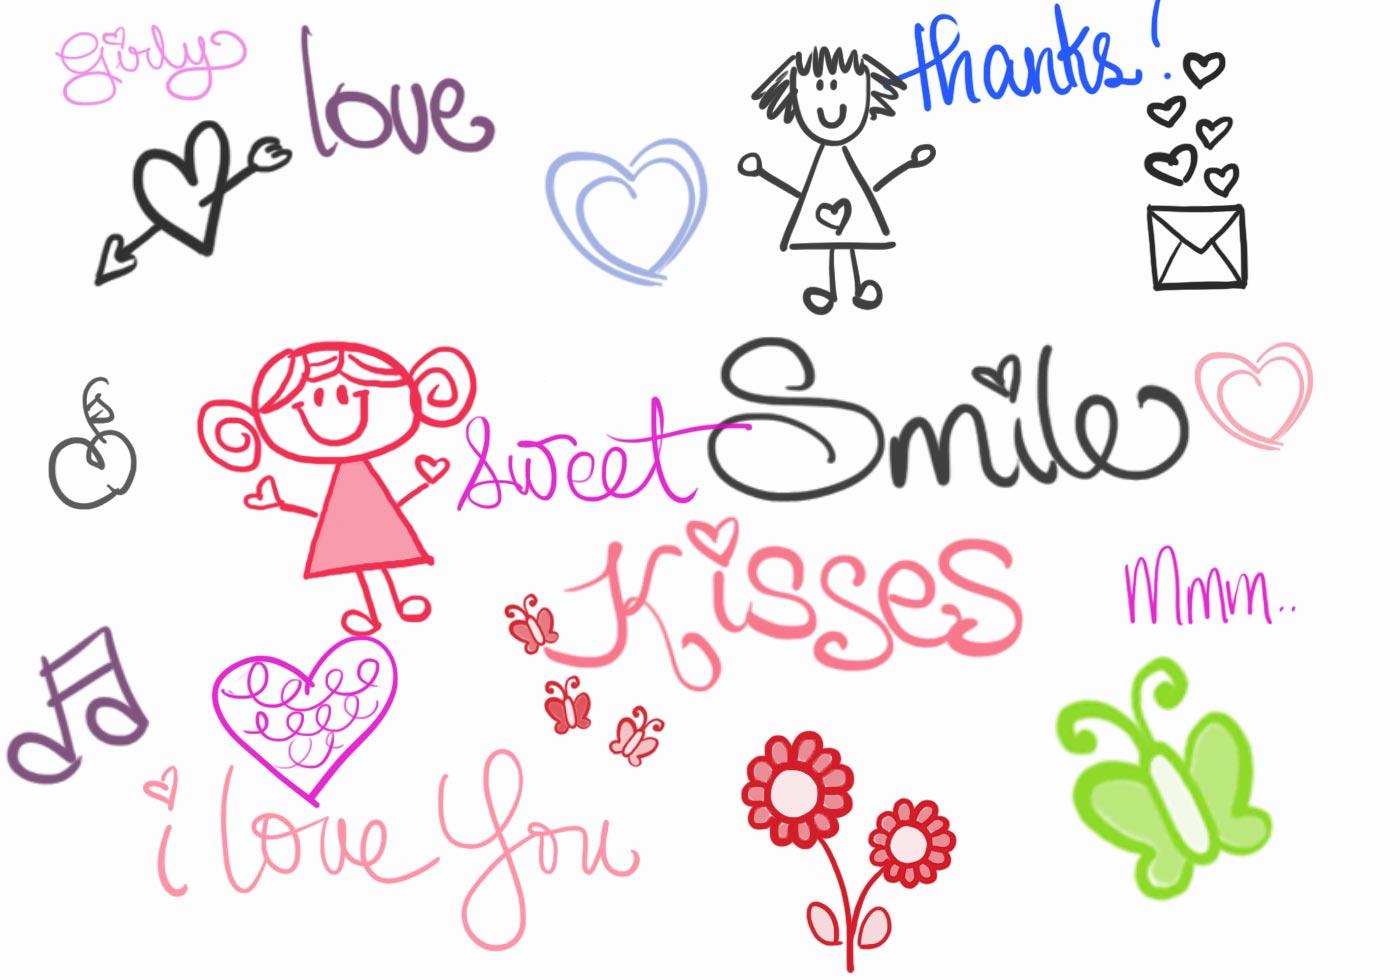 Cute Girly Doodle Brushes Free Photoshop Brushes At